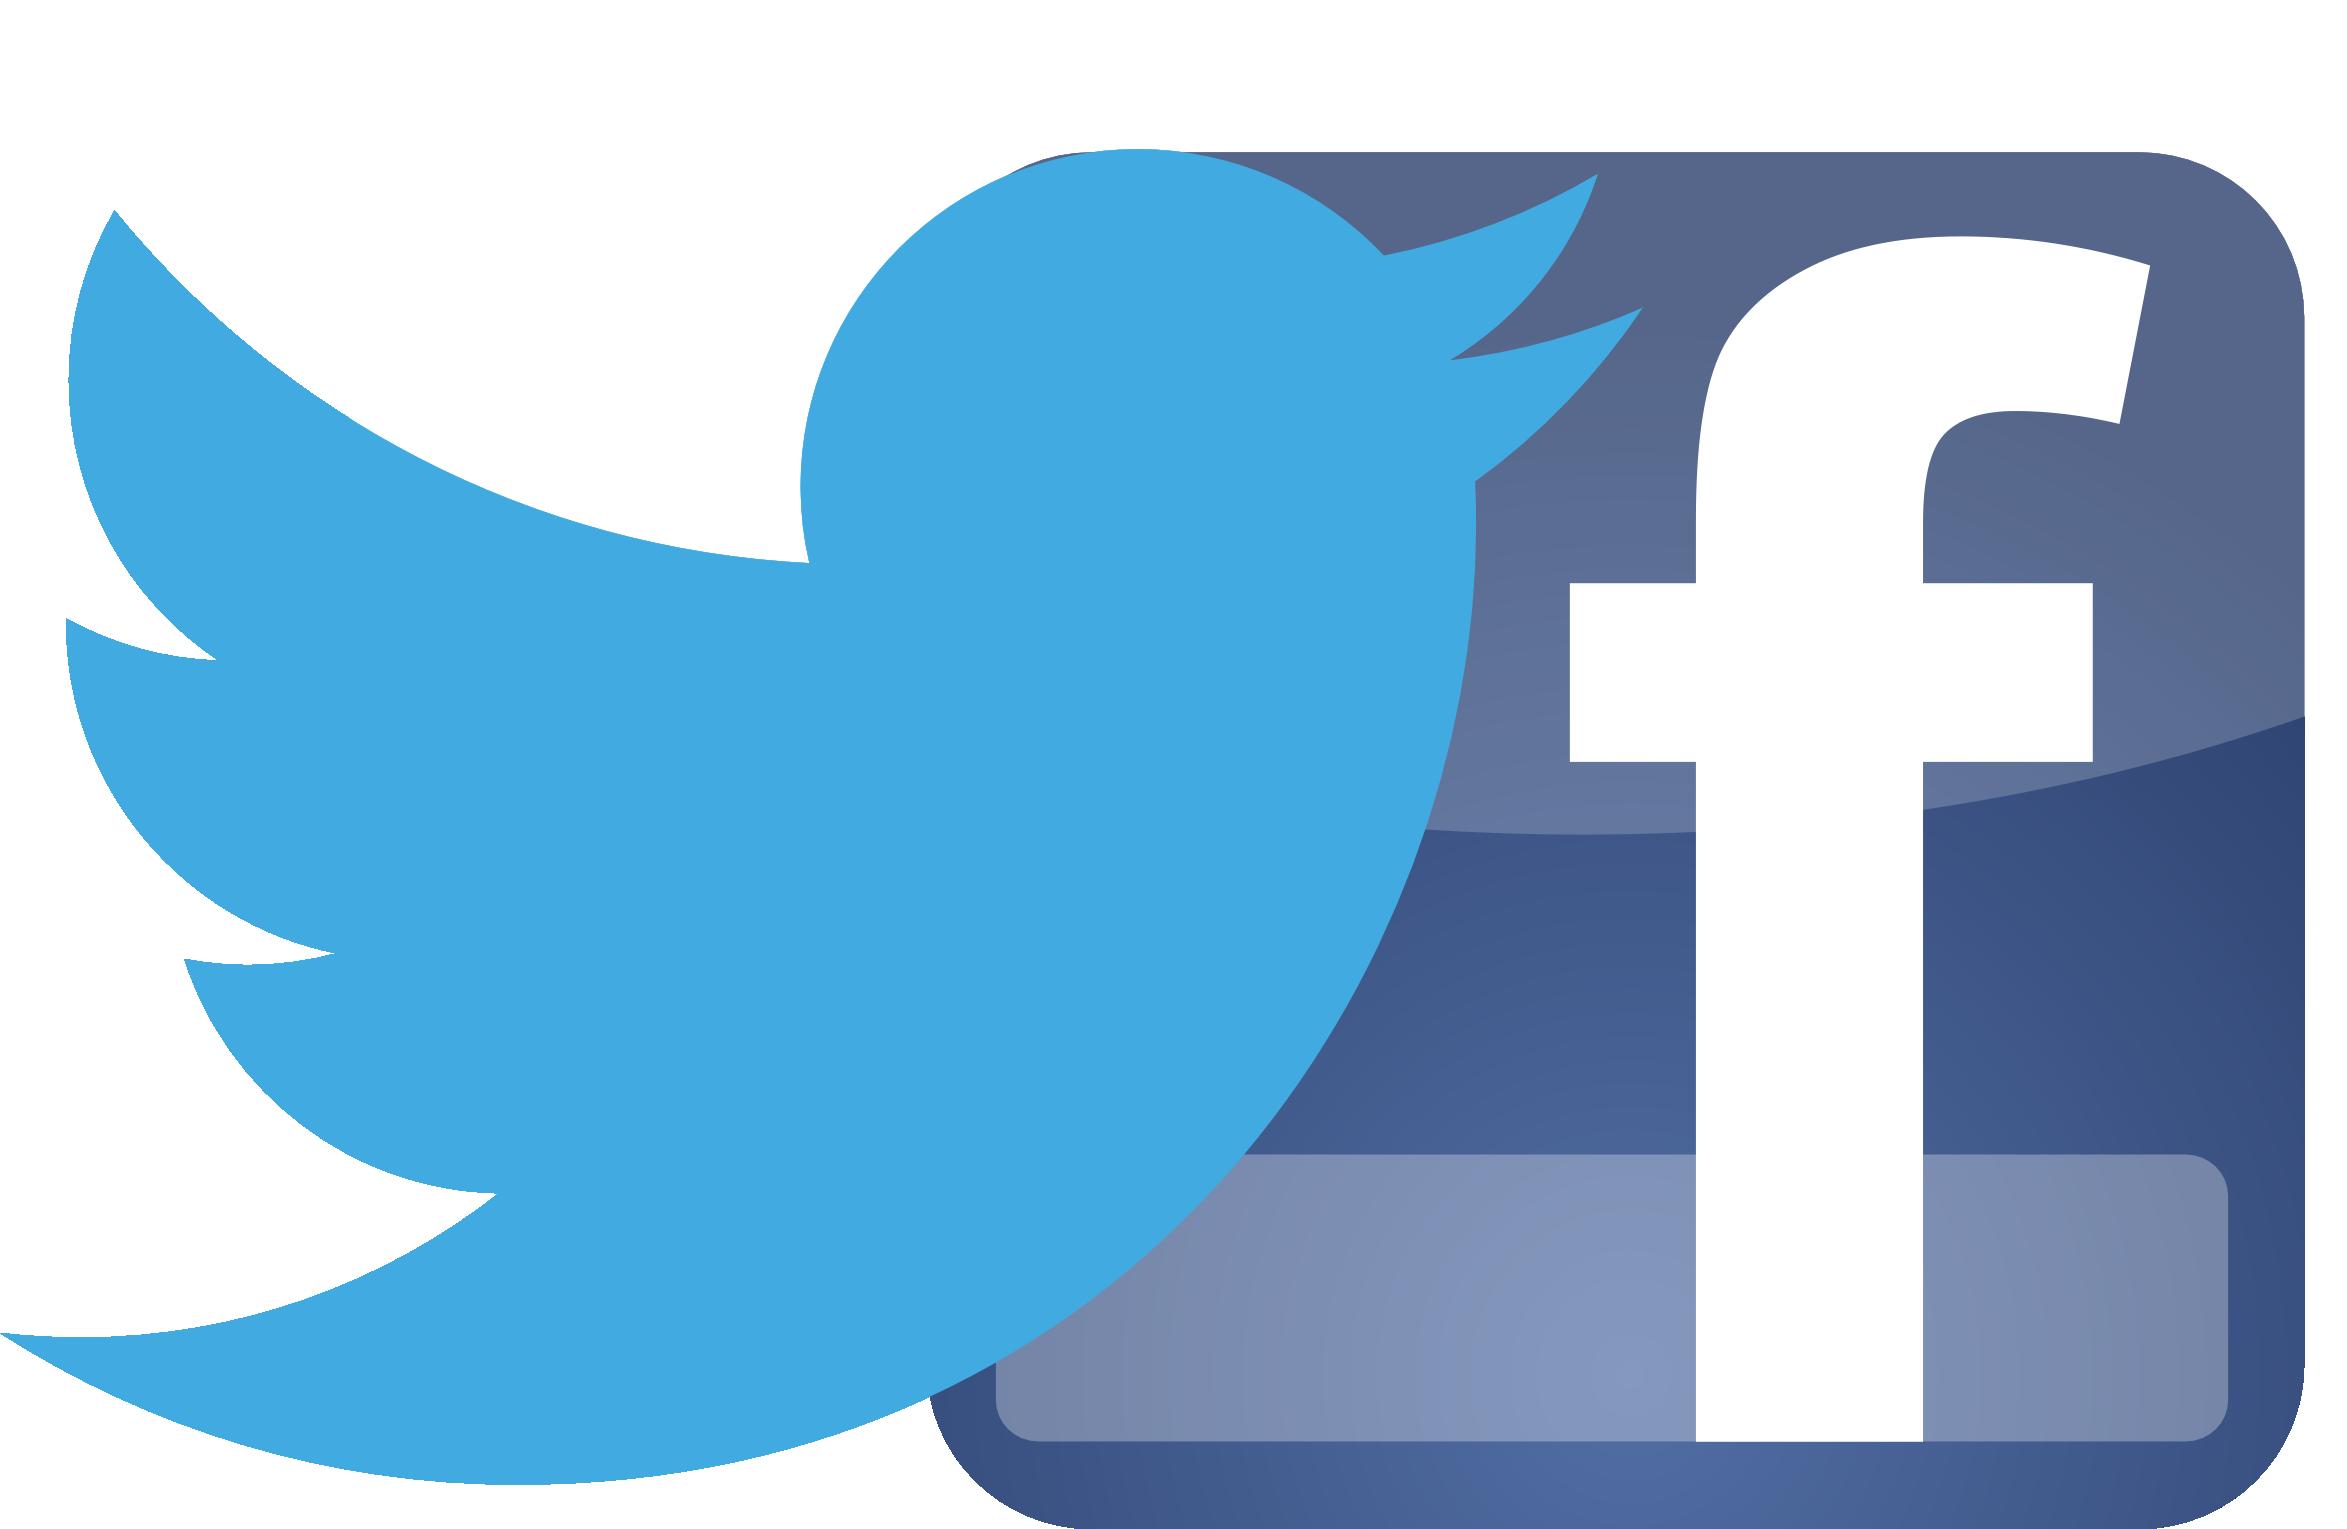 Sự hợp tác của 2 mạng xã hội lớn nhất thế giới cùng các hãng thông tấn báo chí hàng đầu đãmở ra kỷ nguyên mới trong lĩnh vực báo chí vàthông tin.